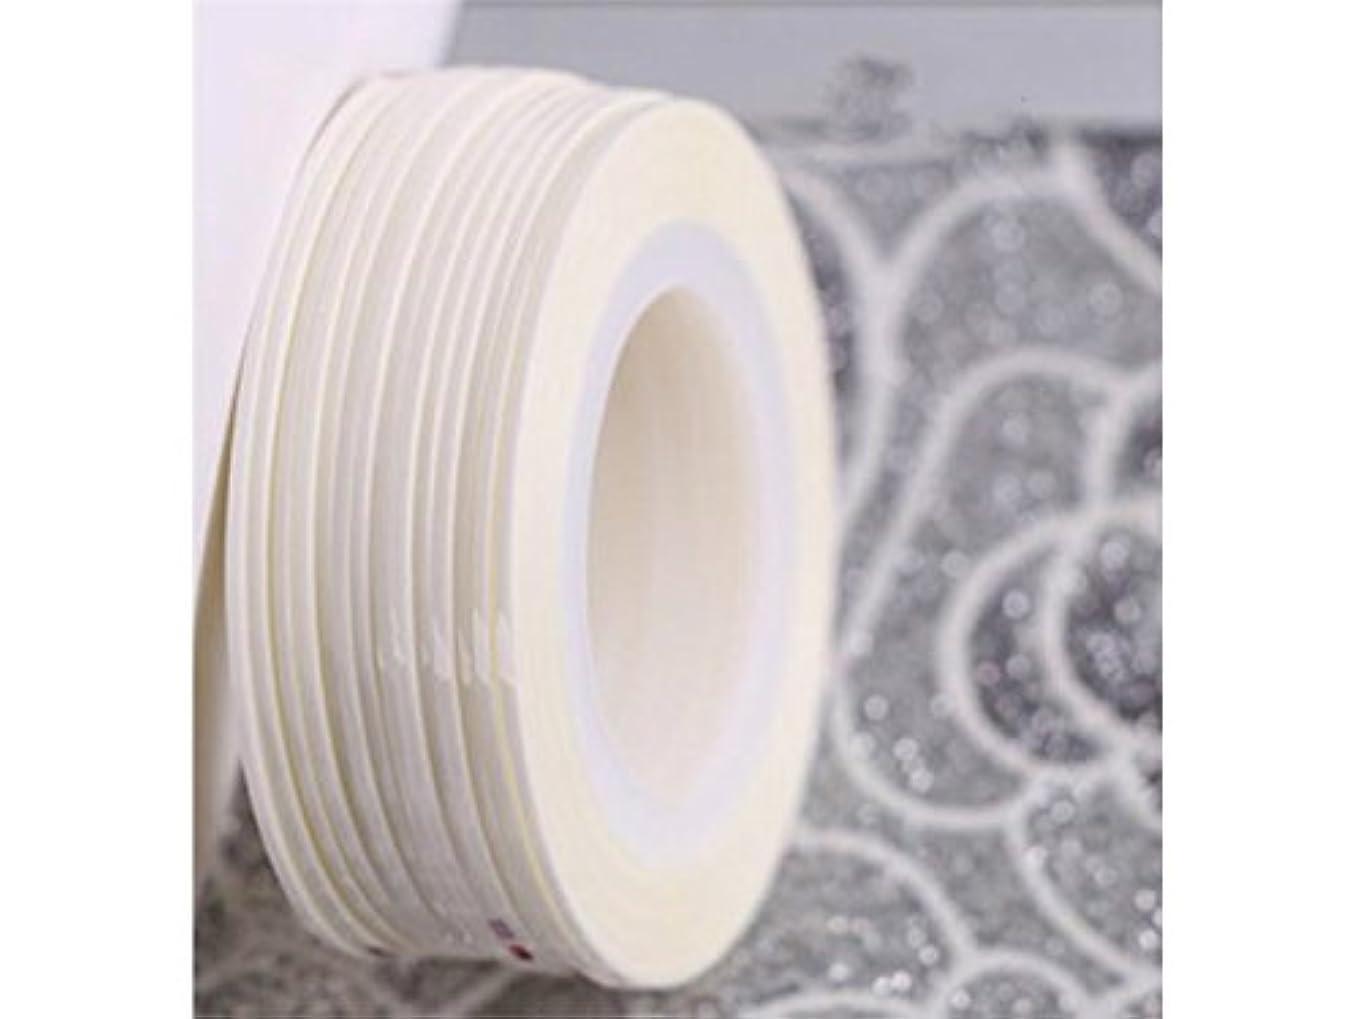 撤回するペパーミント分離Osize ネイルアートキラキラゴールドシルバーストリップラインリボンストライプ装飾ツールネイルステッカーストライピングテープラインネイルアート装飾(白)